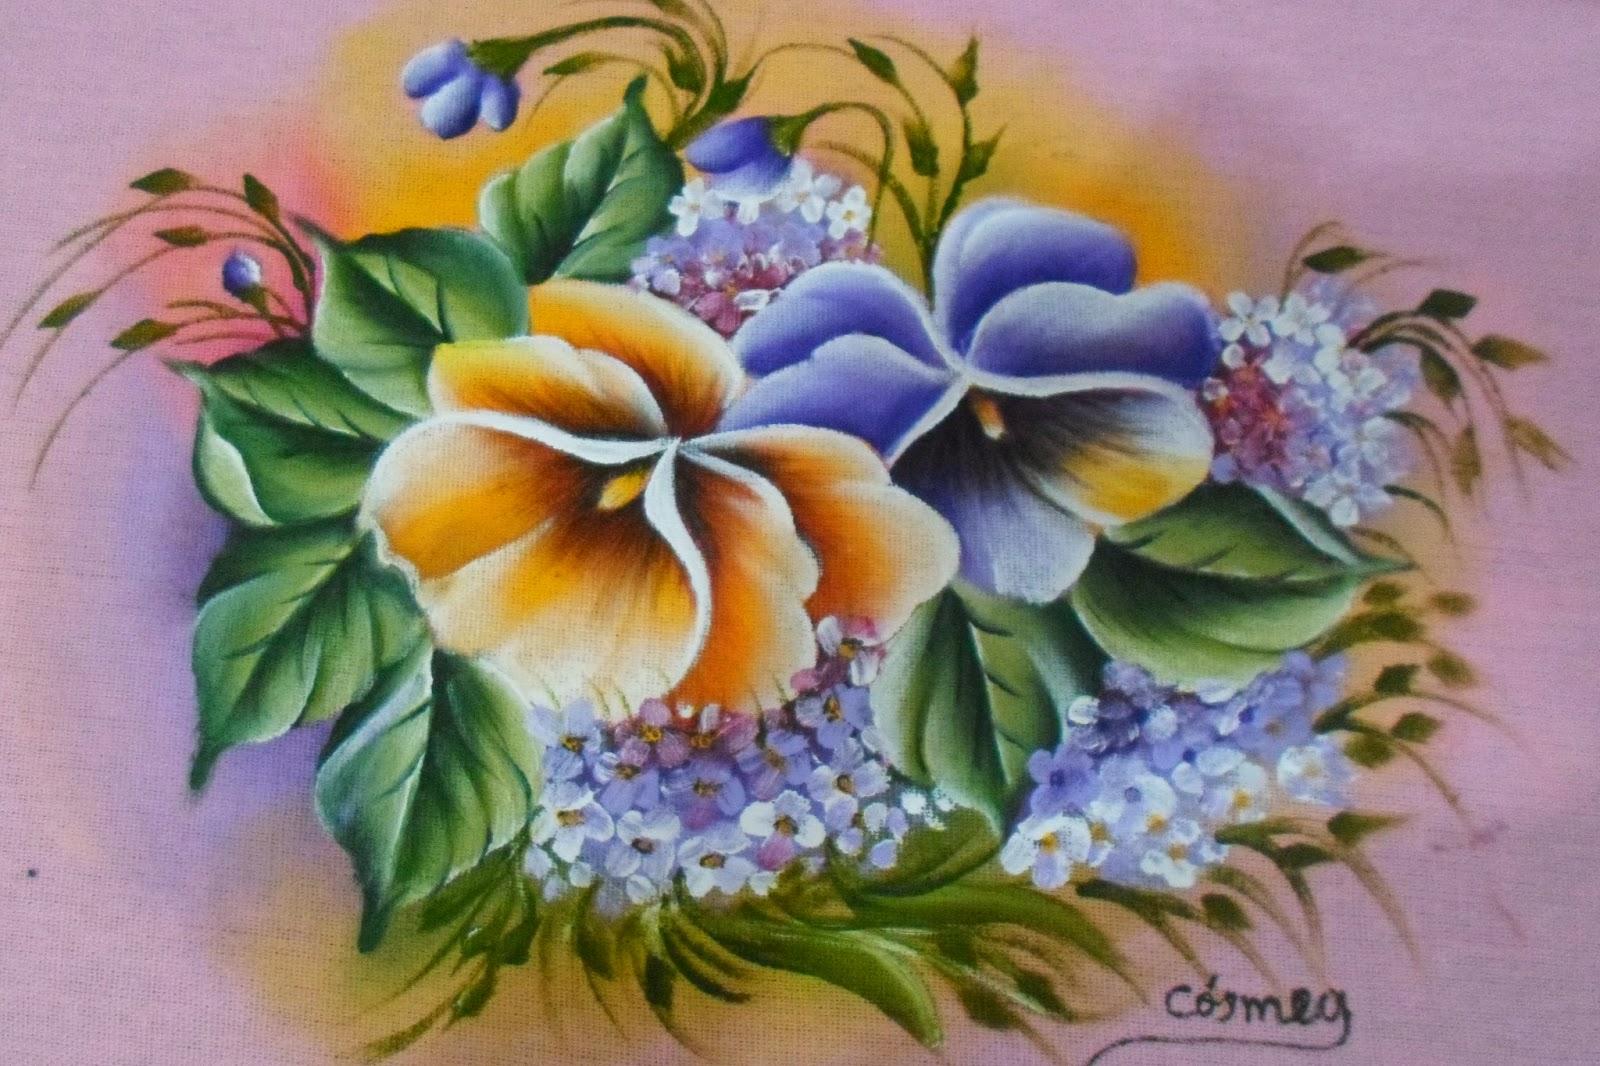 Riscos Pintura, Veja Vários Riscos Para Aplicar Em Sua Pintura